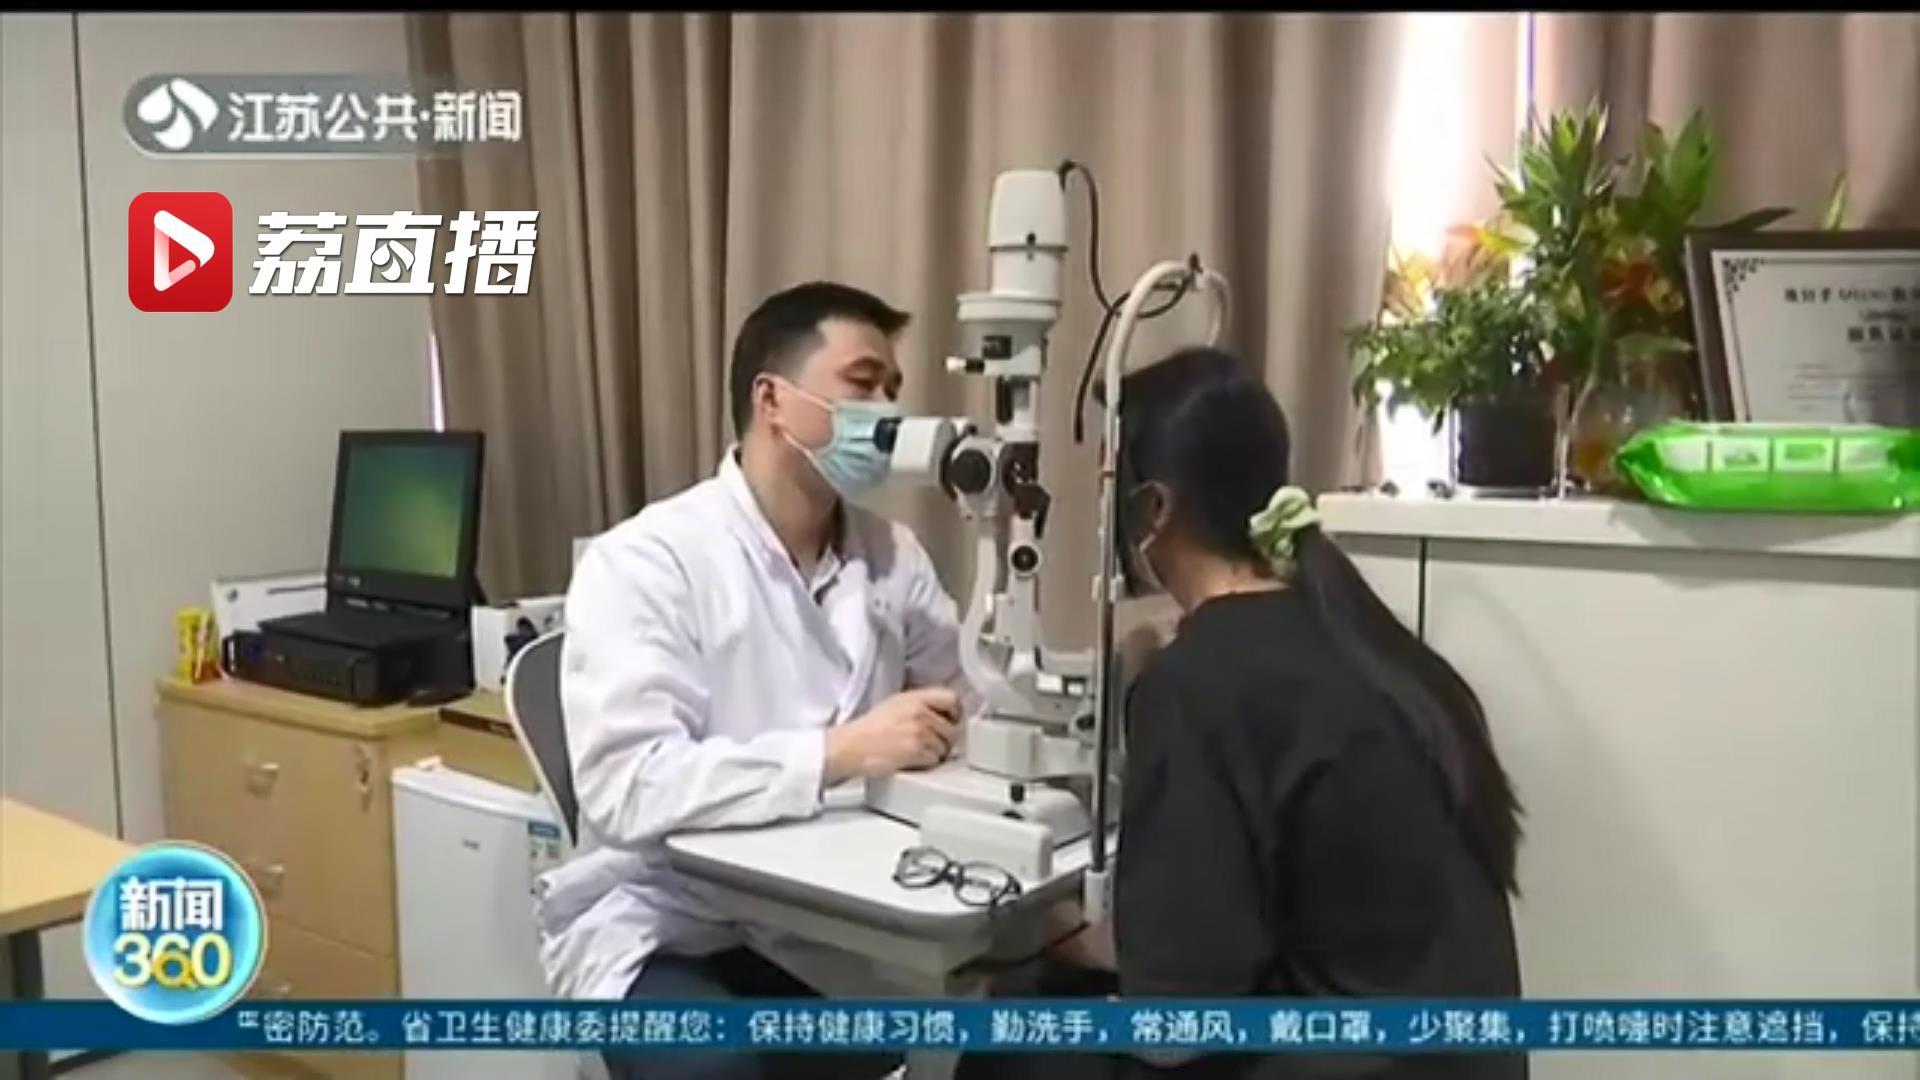 """矫正而非""""治愈""""!近视手术""""摘镜""""有绝对禁忌症 术后需坚持正确用眼习惯"""